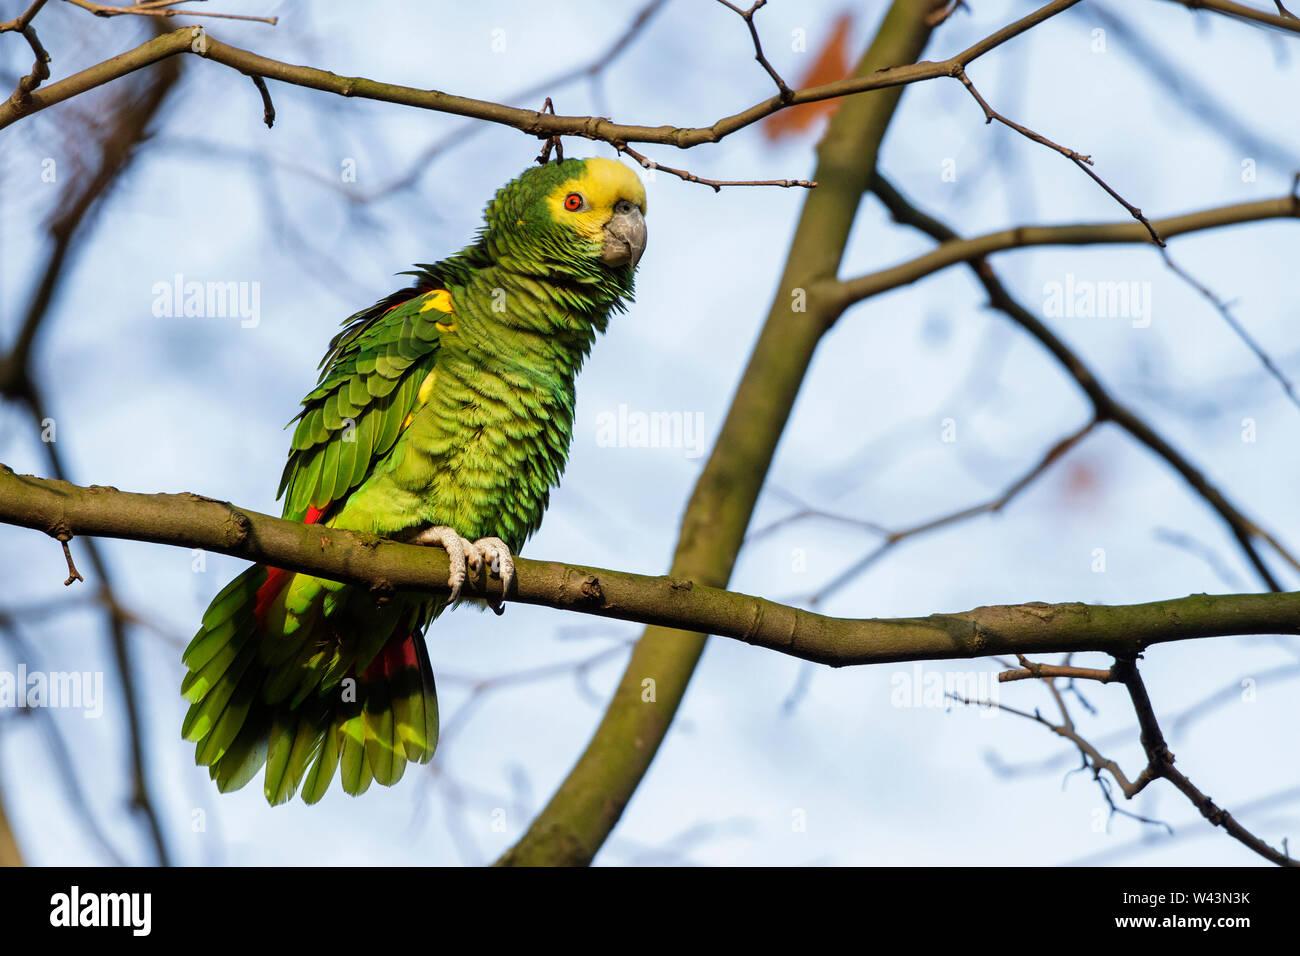 yellow-crowned amazon, yellow-crowned parrot, Gelbkopfamazone (Amazona oratrix) Stock Photo